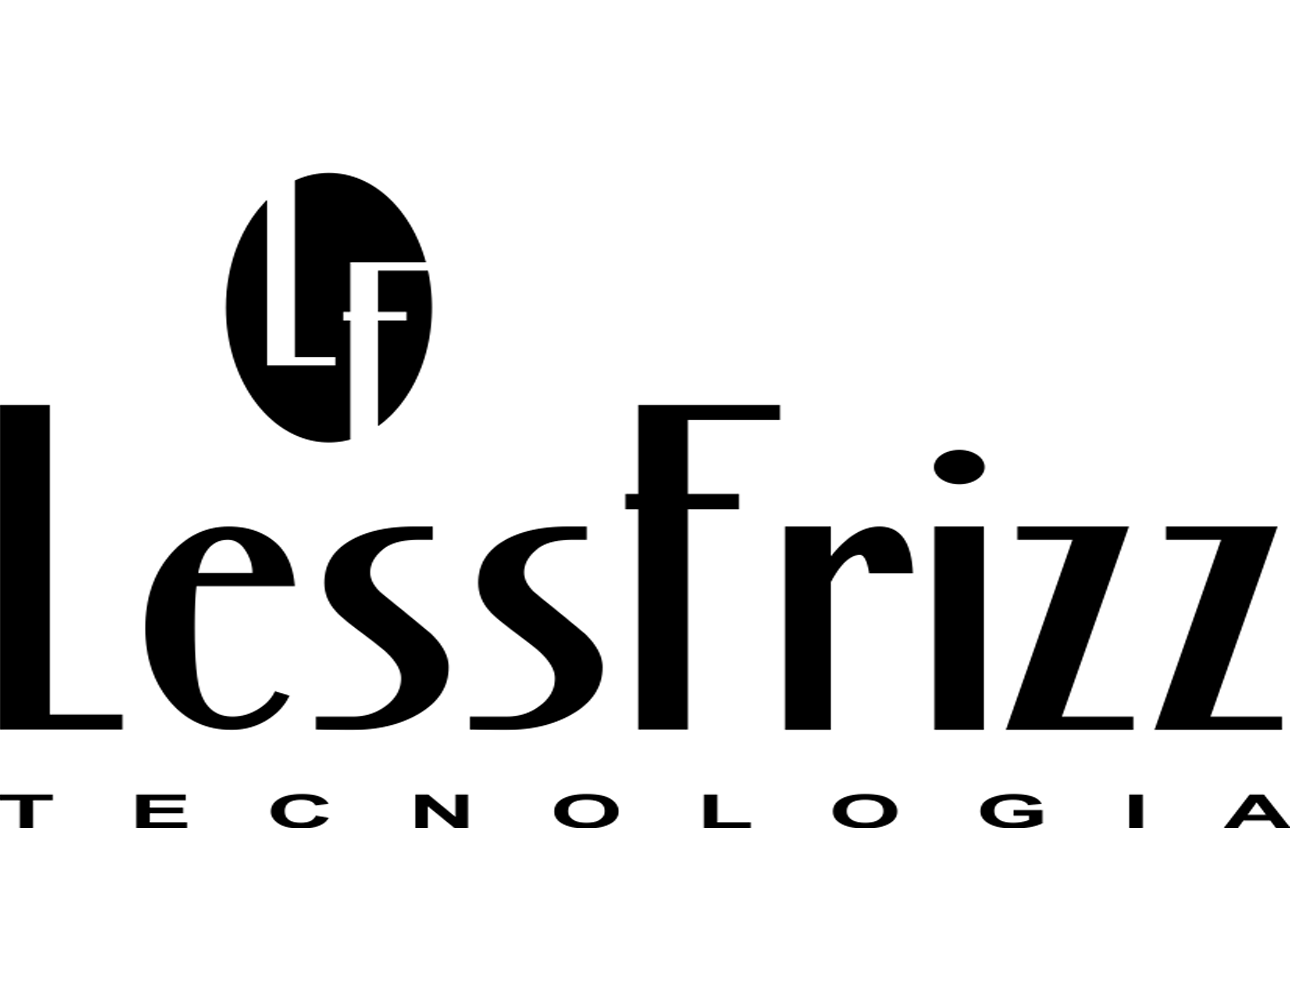 LESSFRIZZ